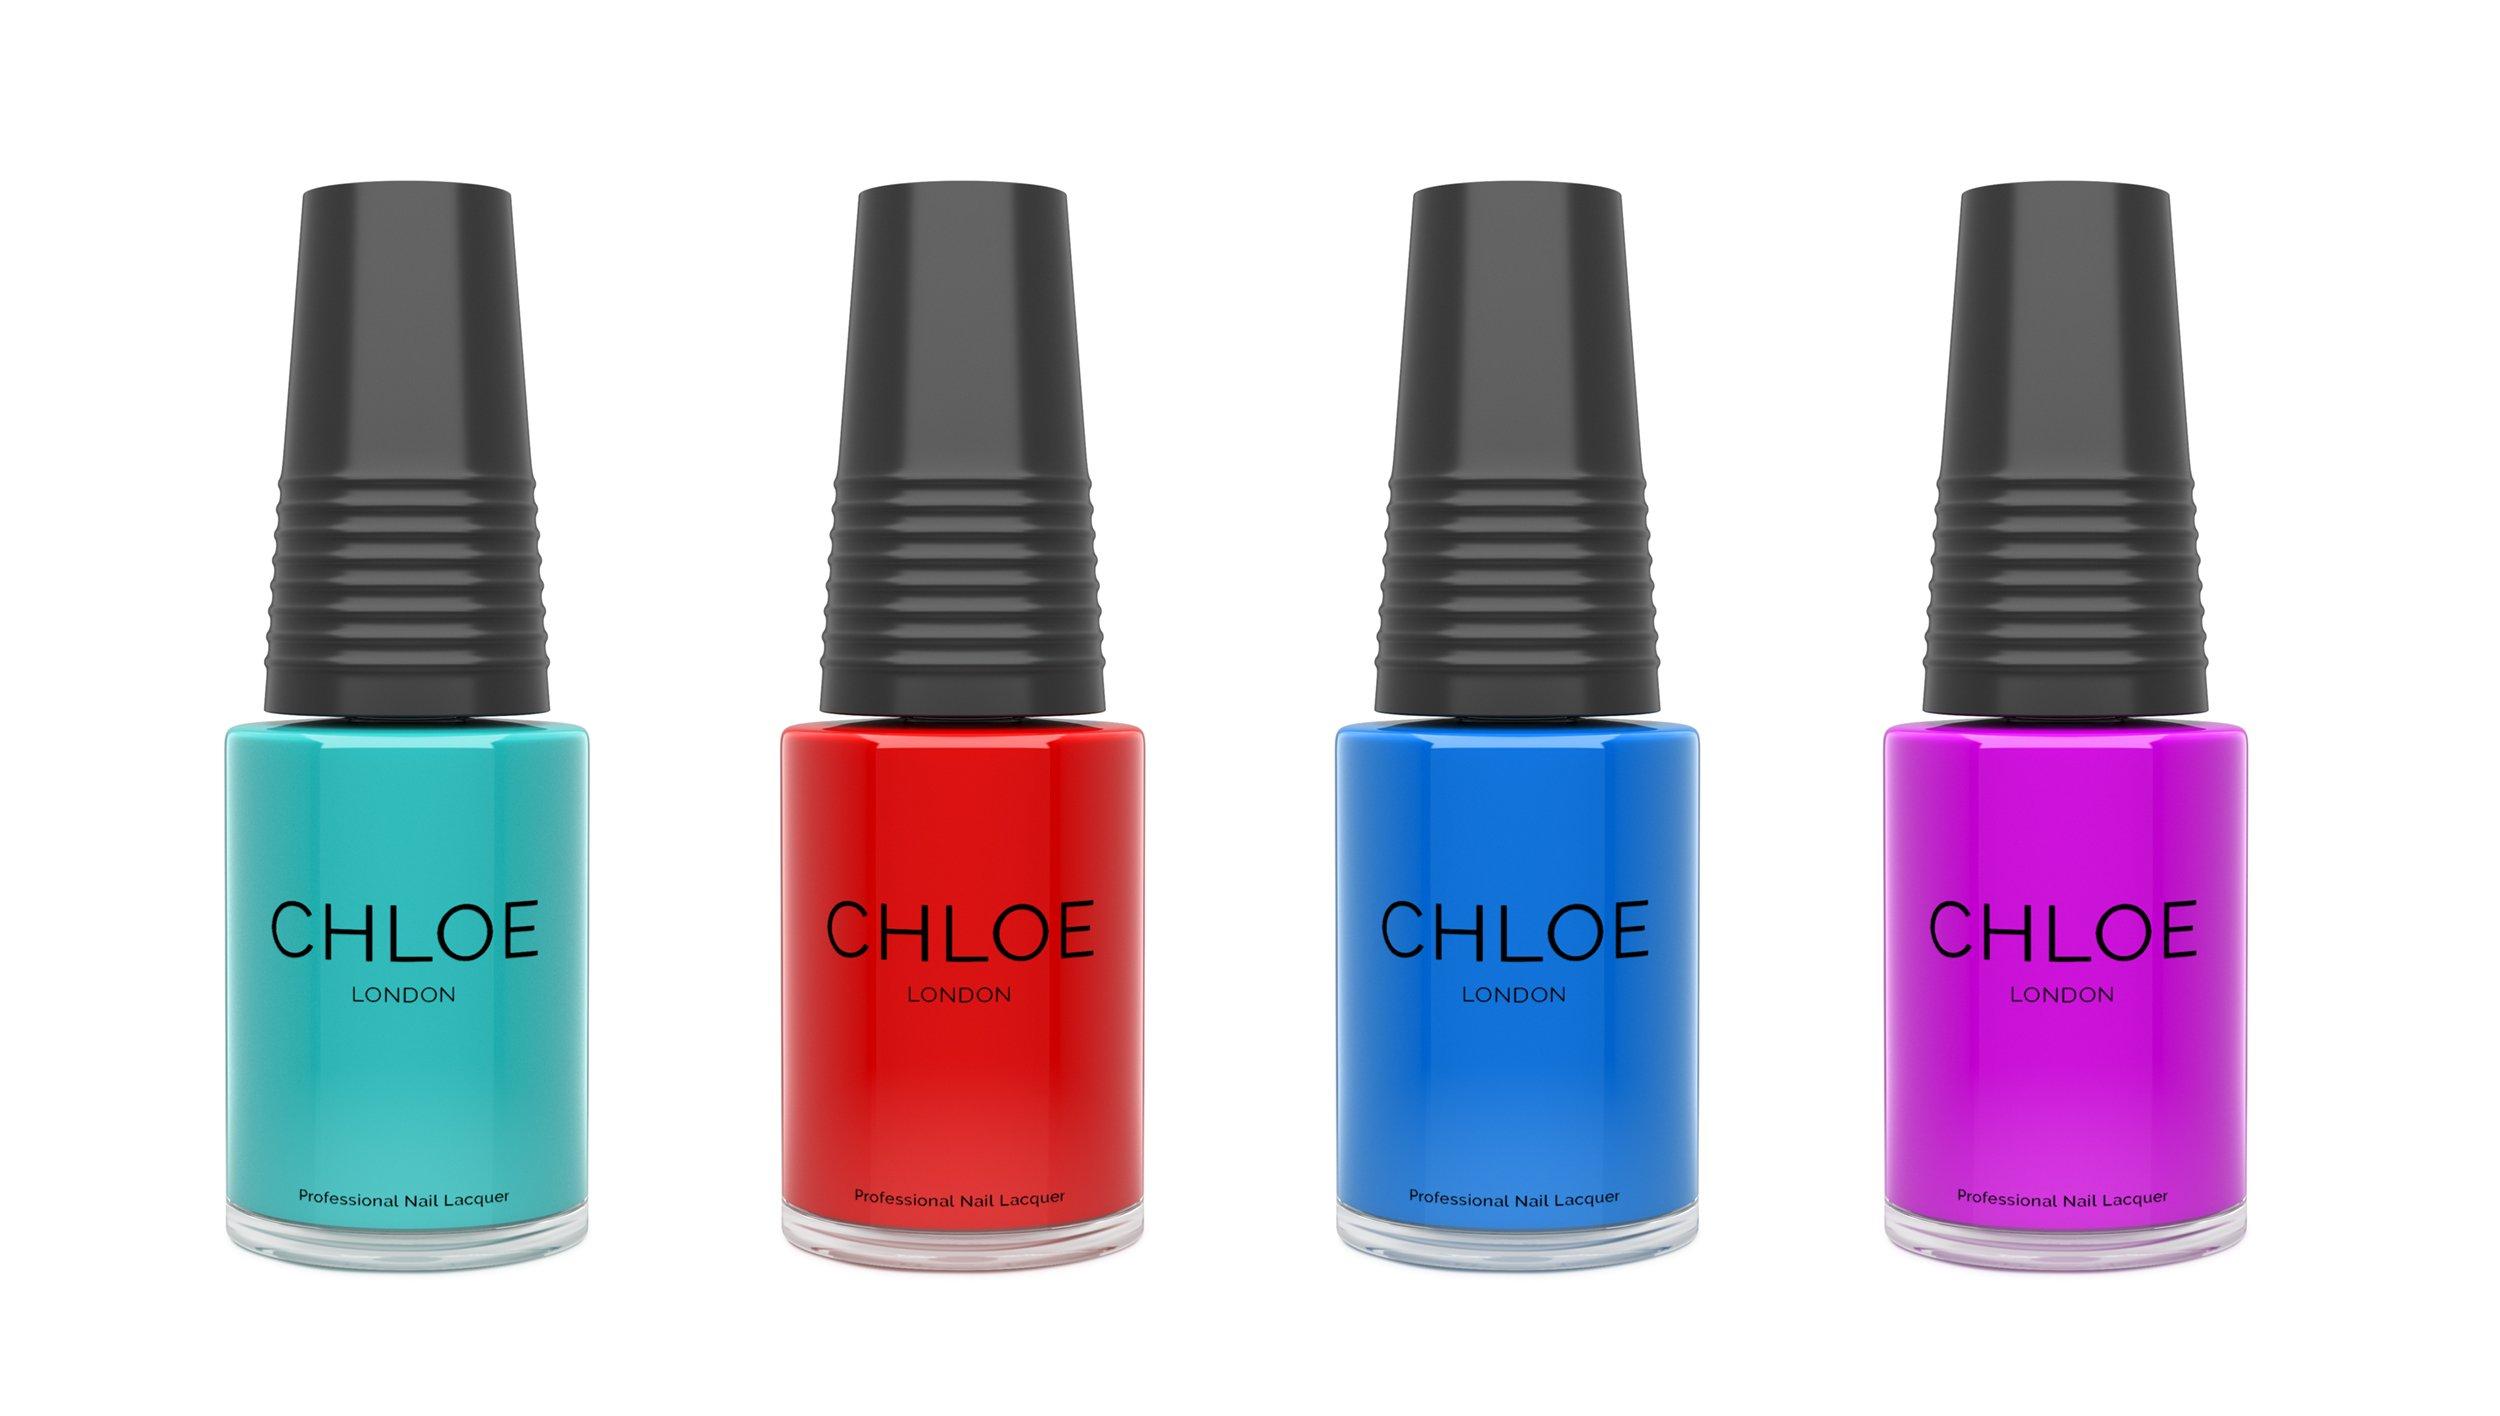 CGI product photograph of chloe nail polish